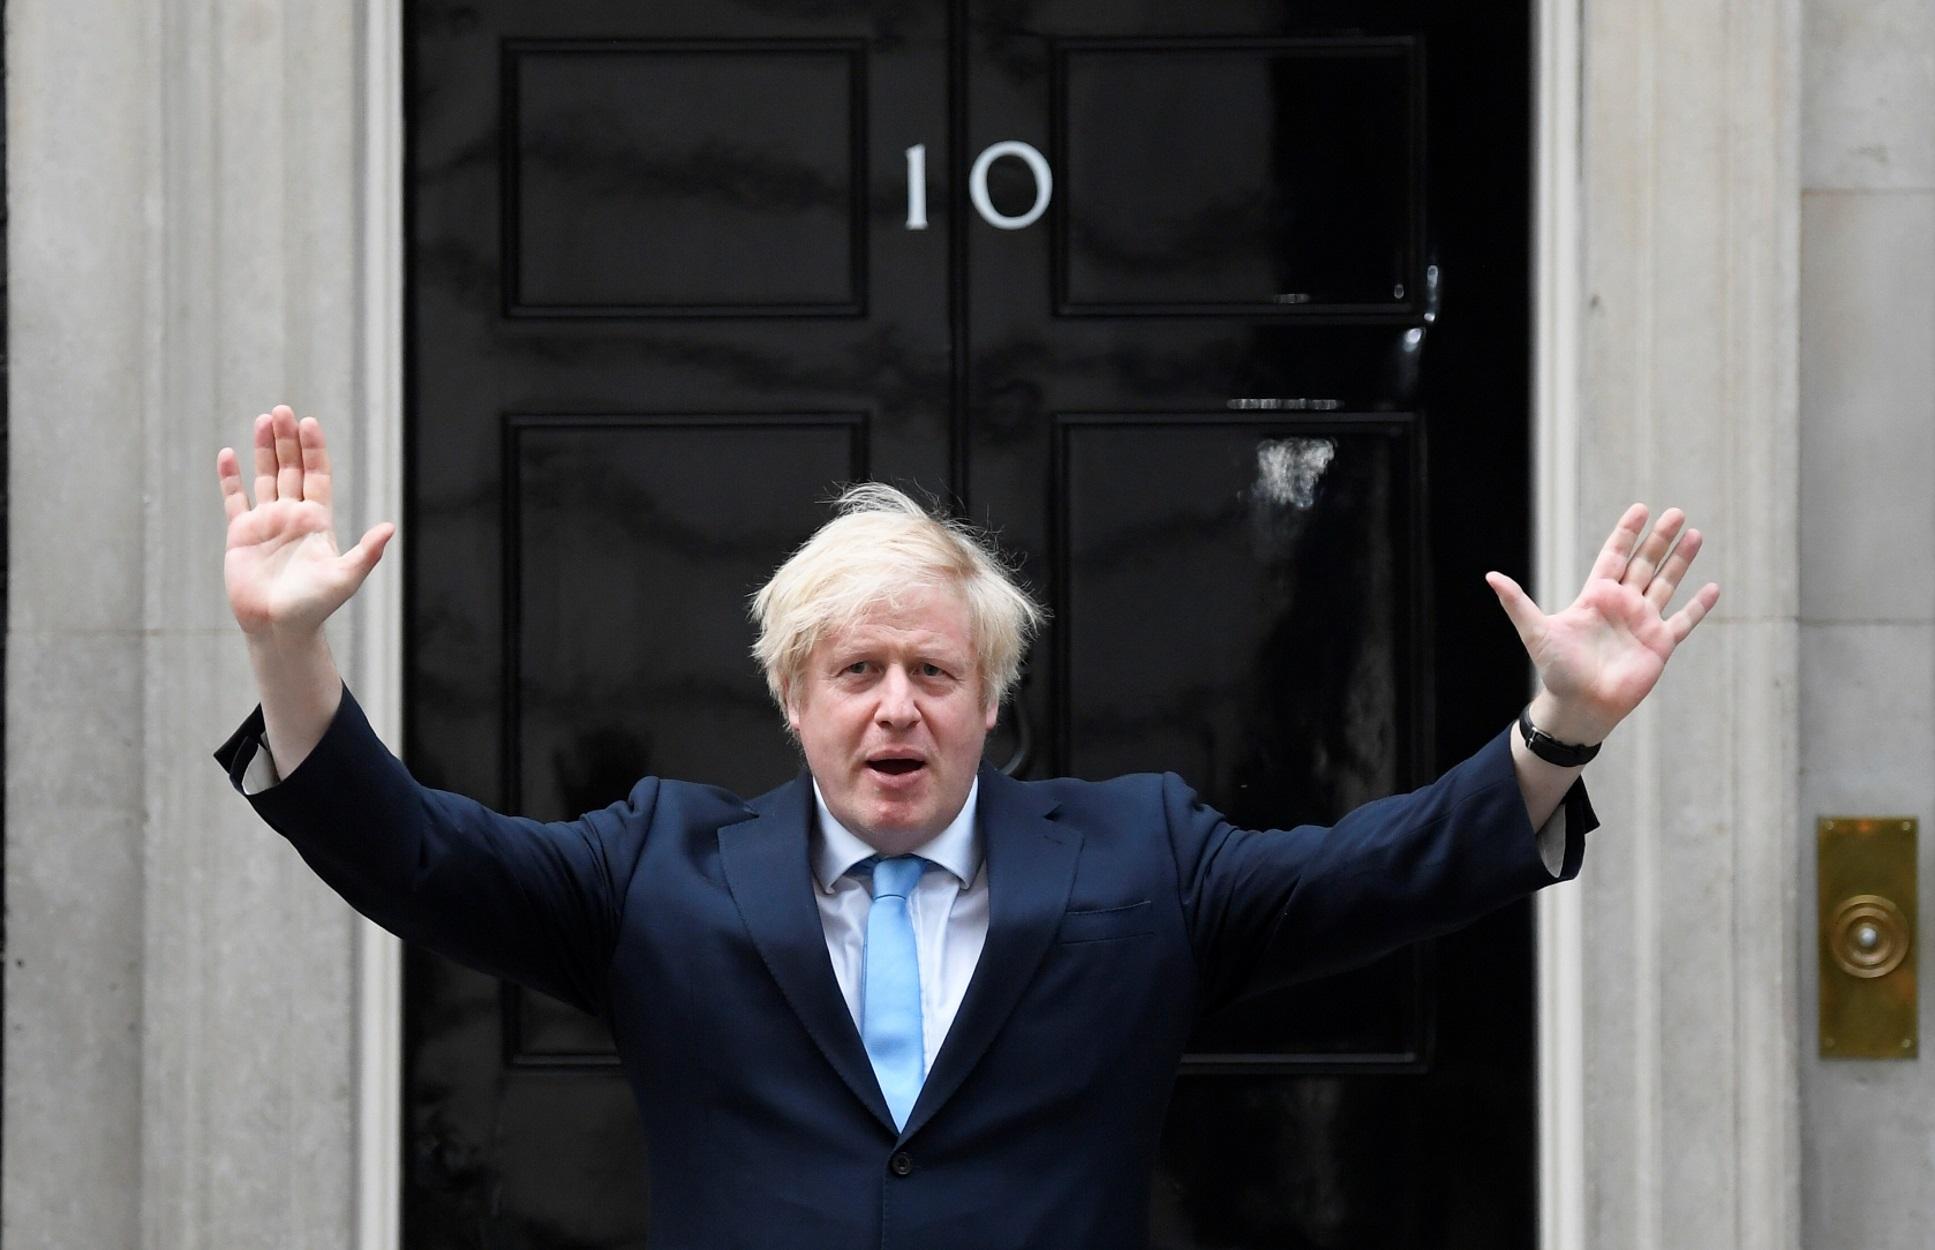 """Τζόνσον: Το σχέδιο για να """"σώσει"""" τα Χριστούγεννα – Νέα μέτρα για 2 εκατομμύρια Βρετανούς"""